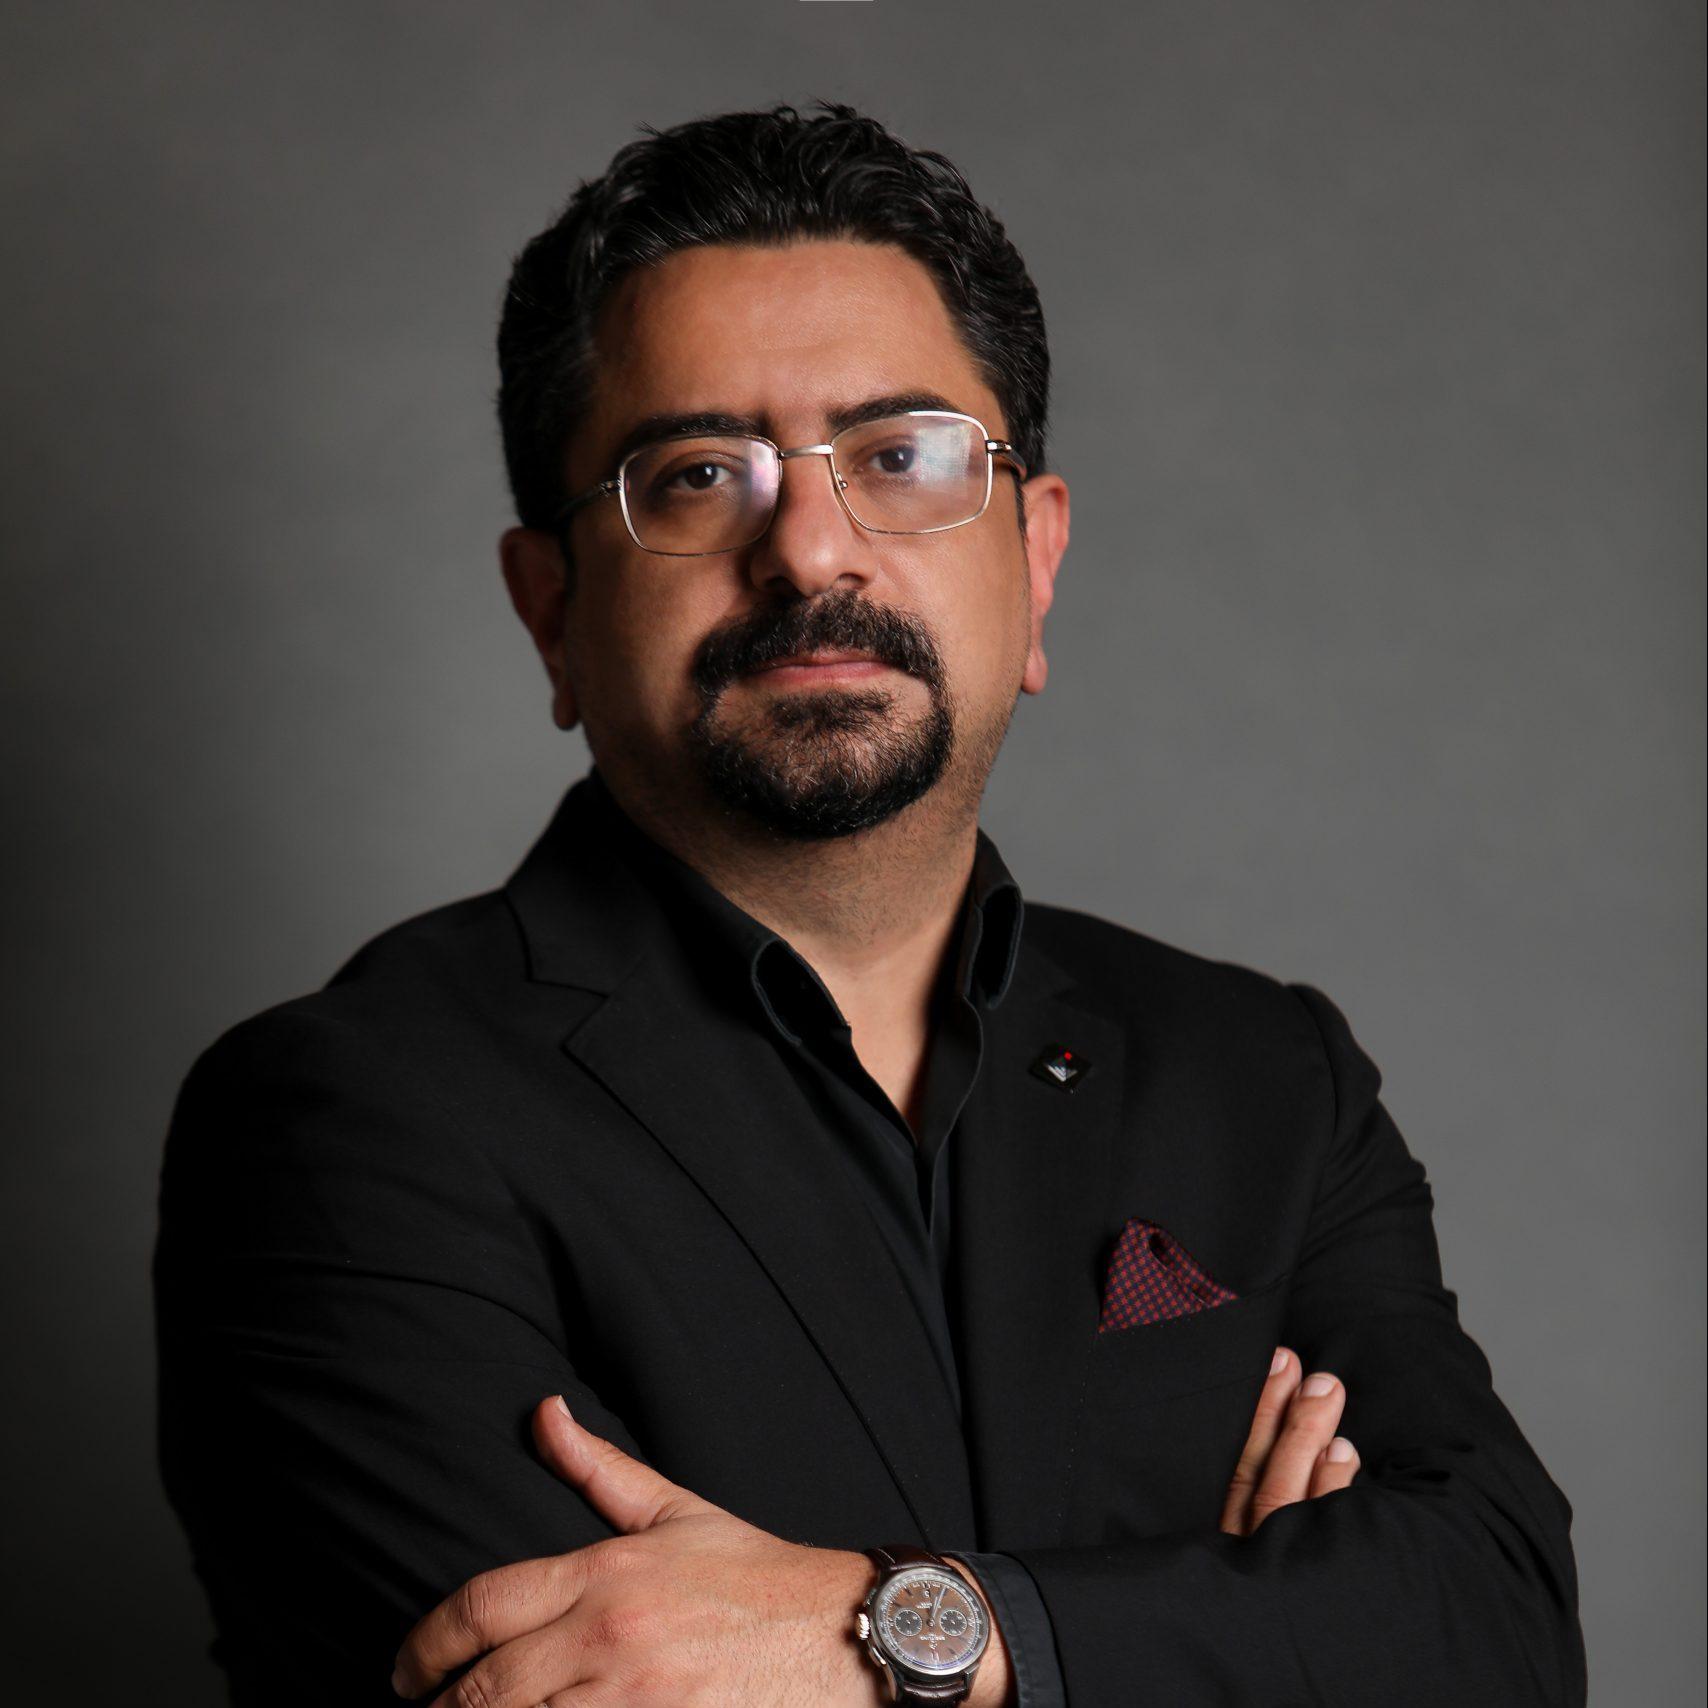 Sadegh Faramarzi teehoo investment co. Home 2 AOS 1289 scaled e1602096004640